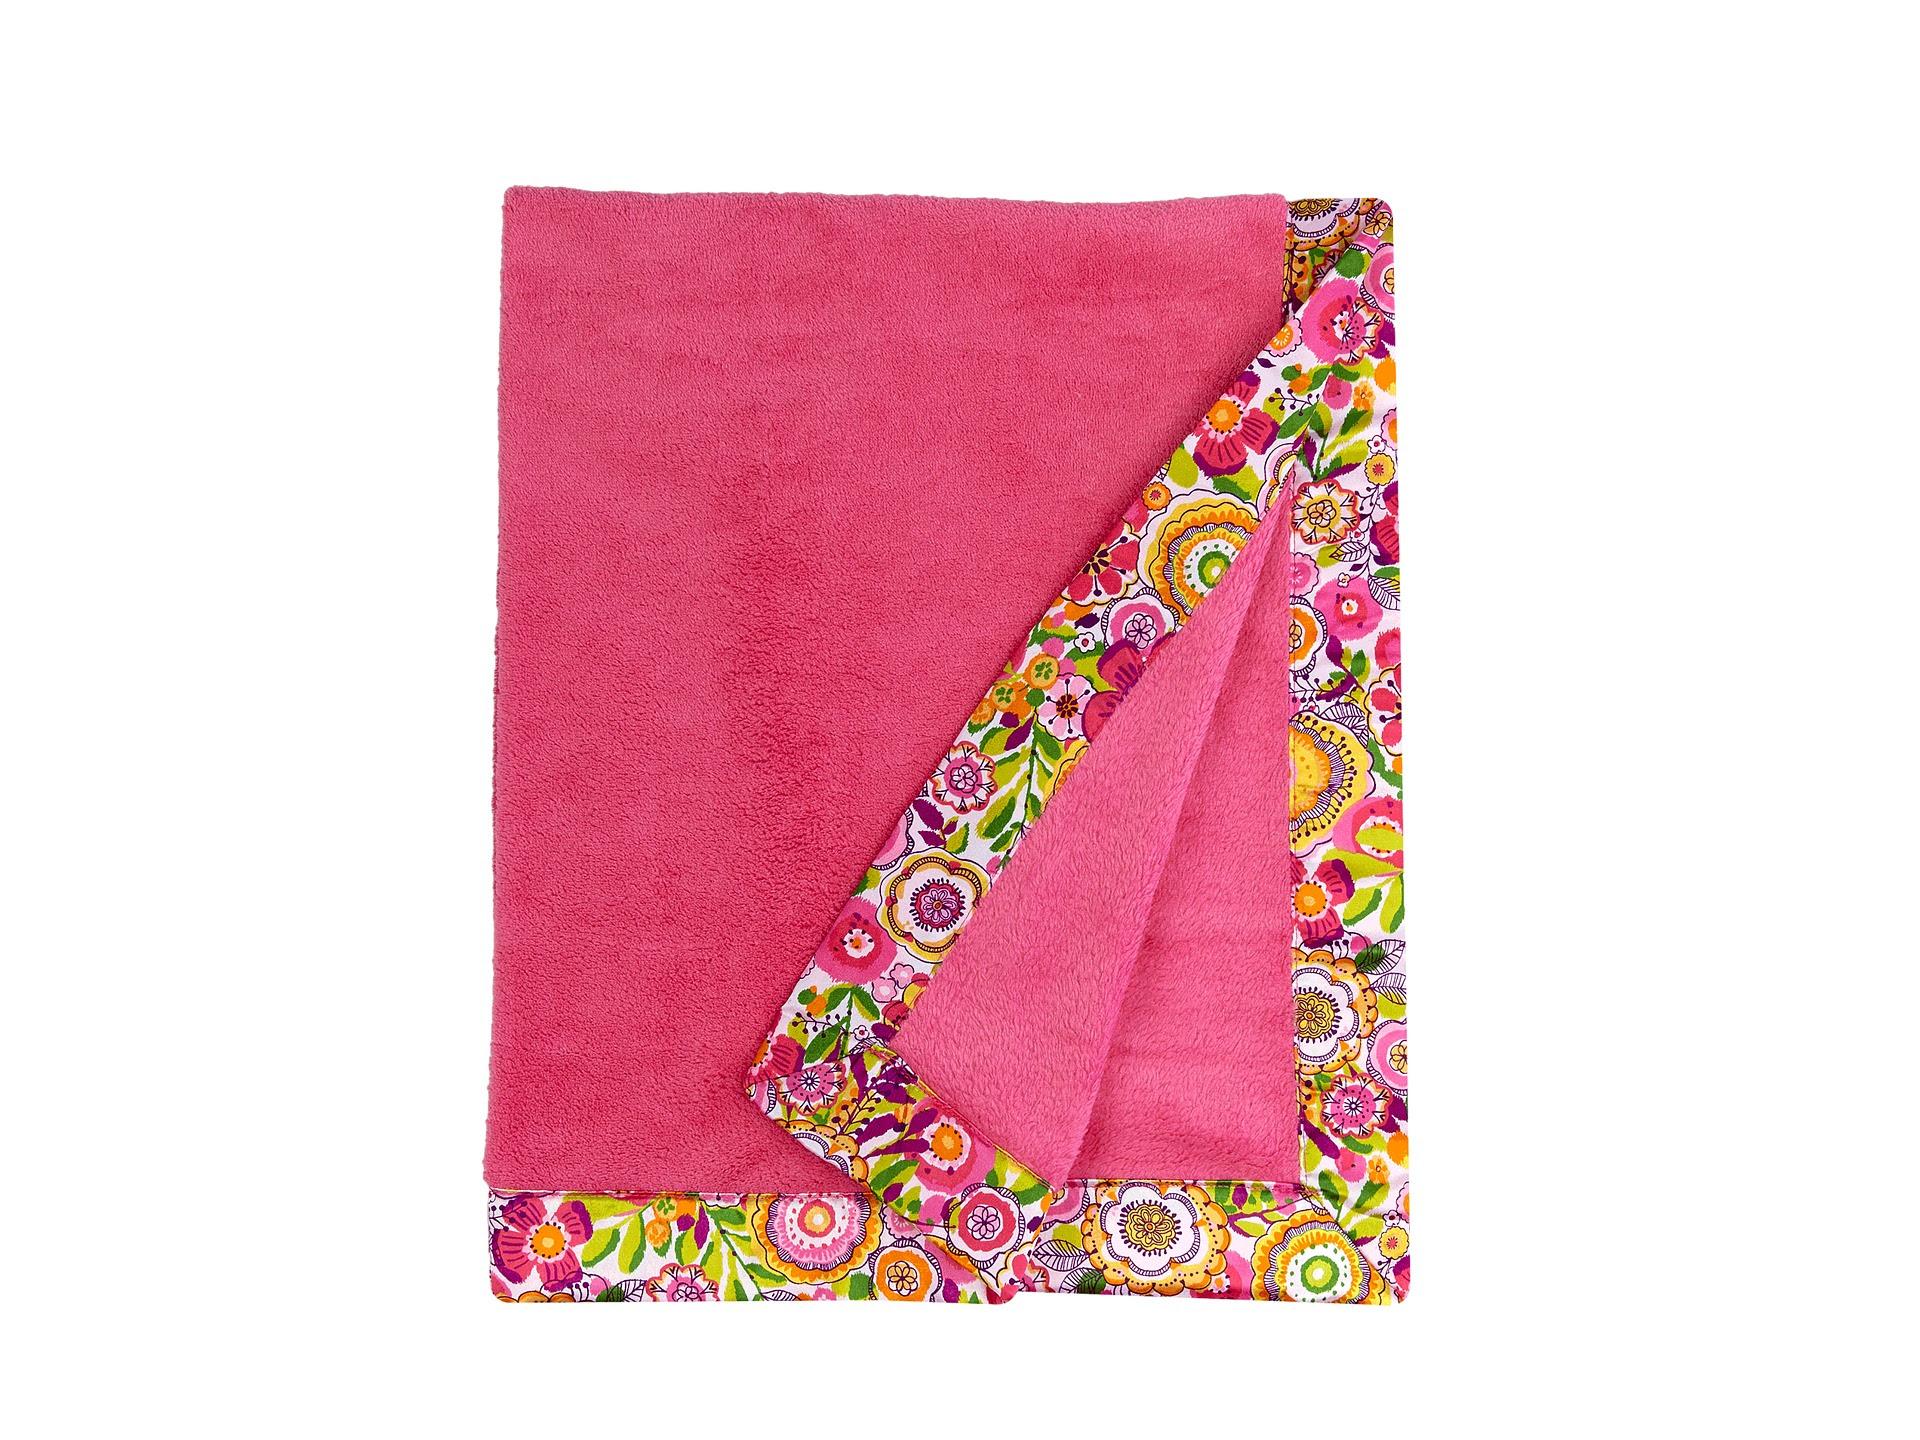 Monogram Tote Bags Vera Bradley Baby Blanket